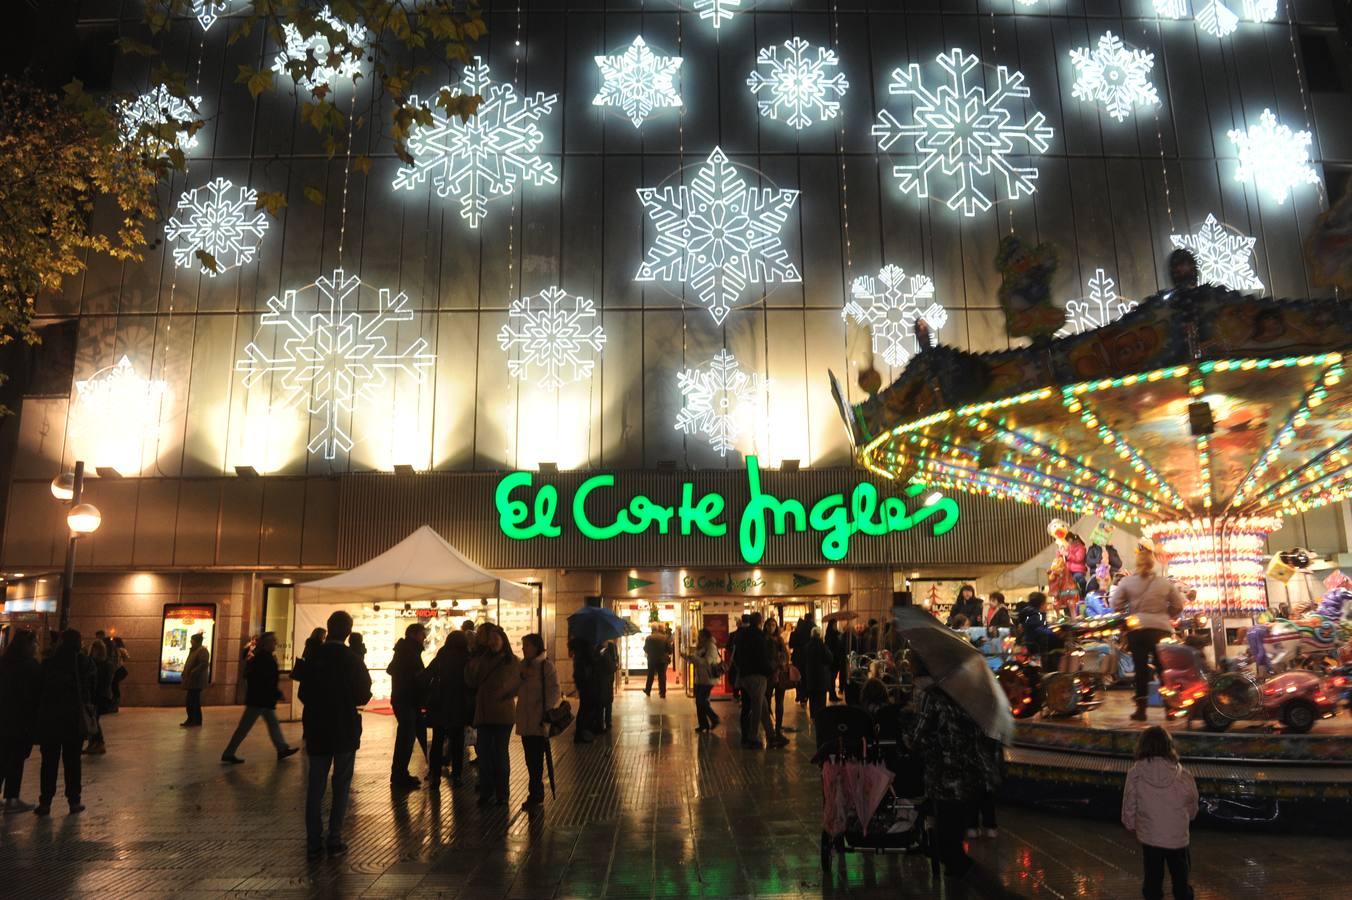 El corte ingl s contratar a personas para la for El corte ingles navidad